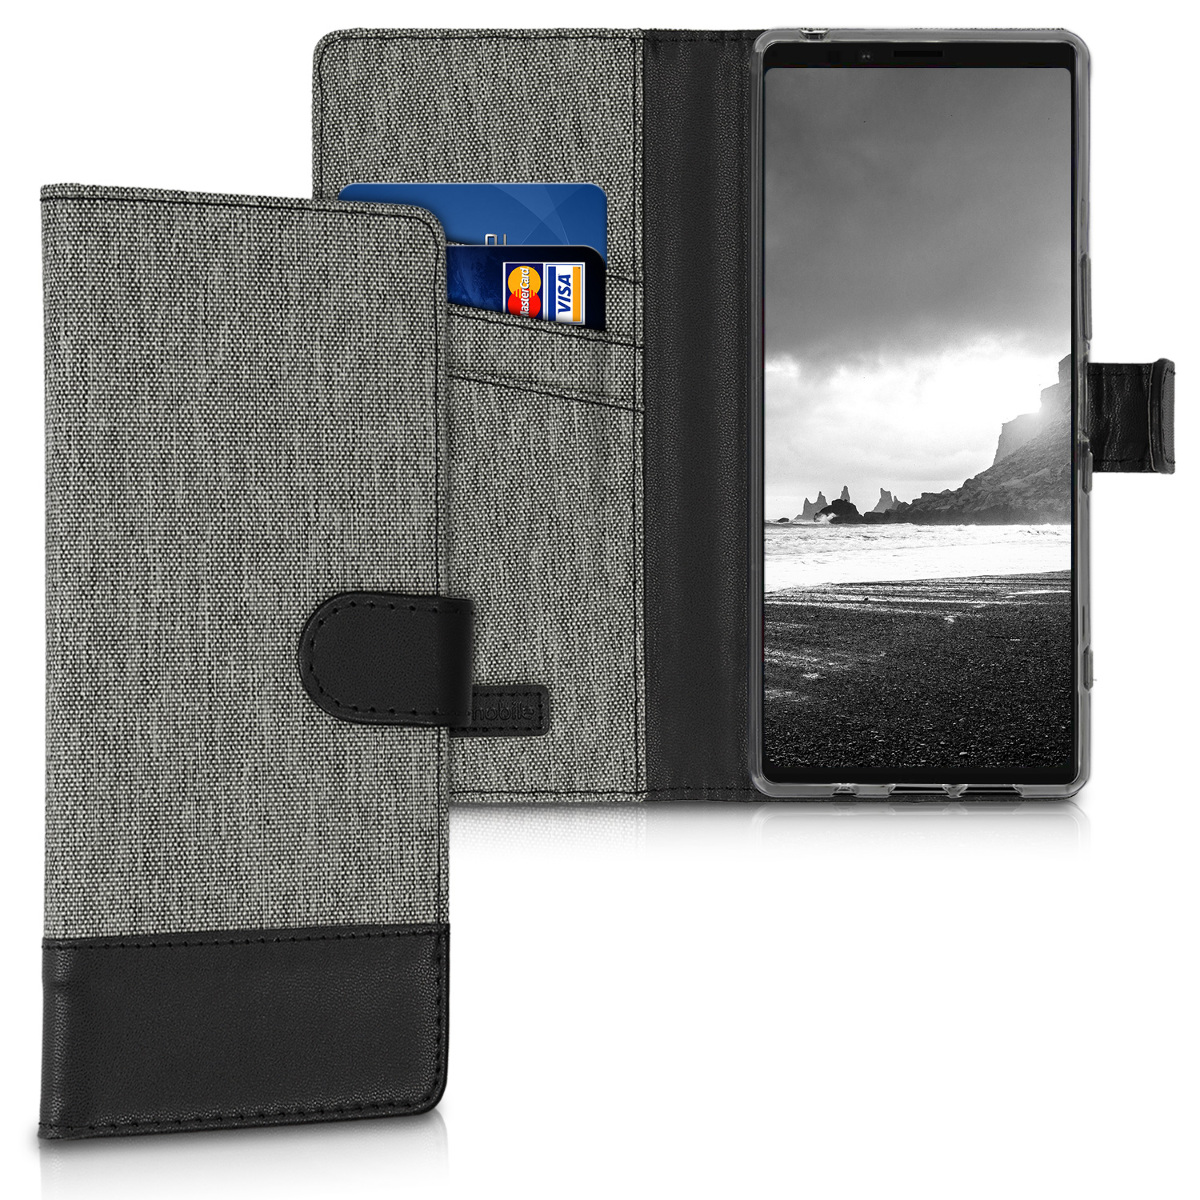 Textilní látkové pouzdro | obal pro Sony Xperia 1 - šedé/ černé